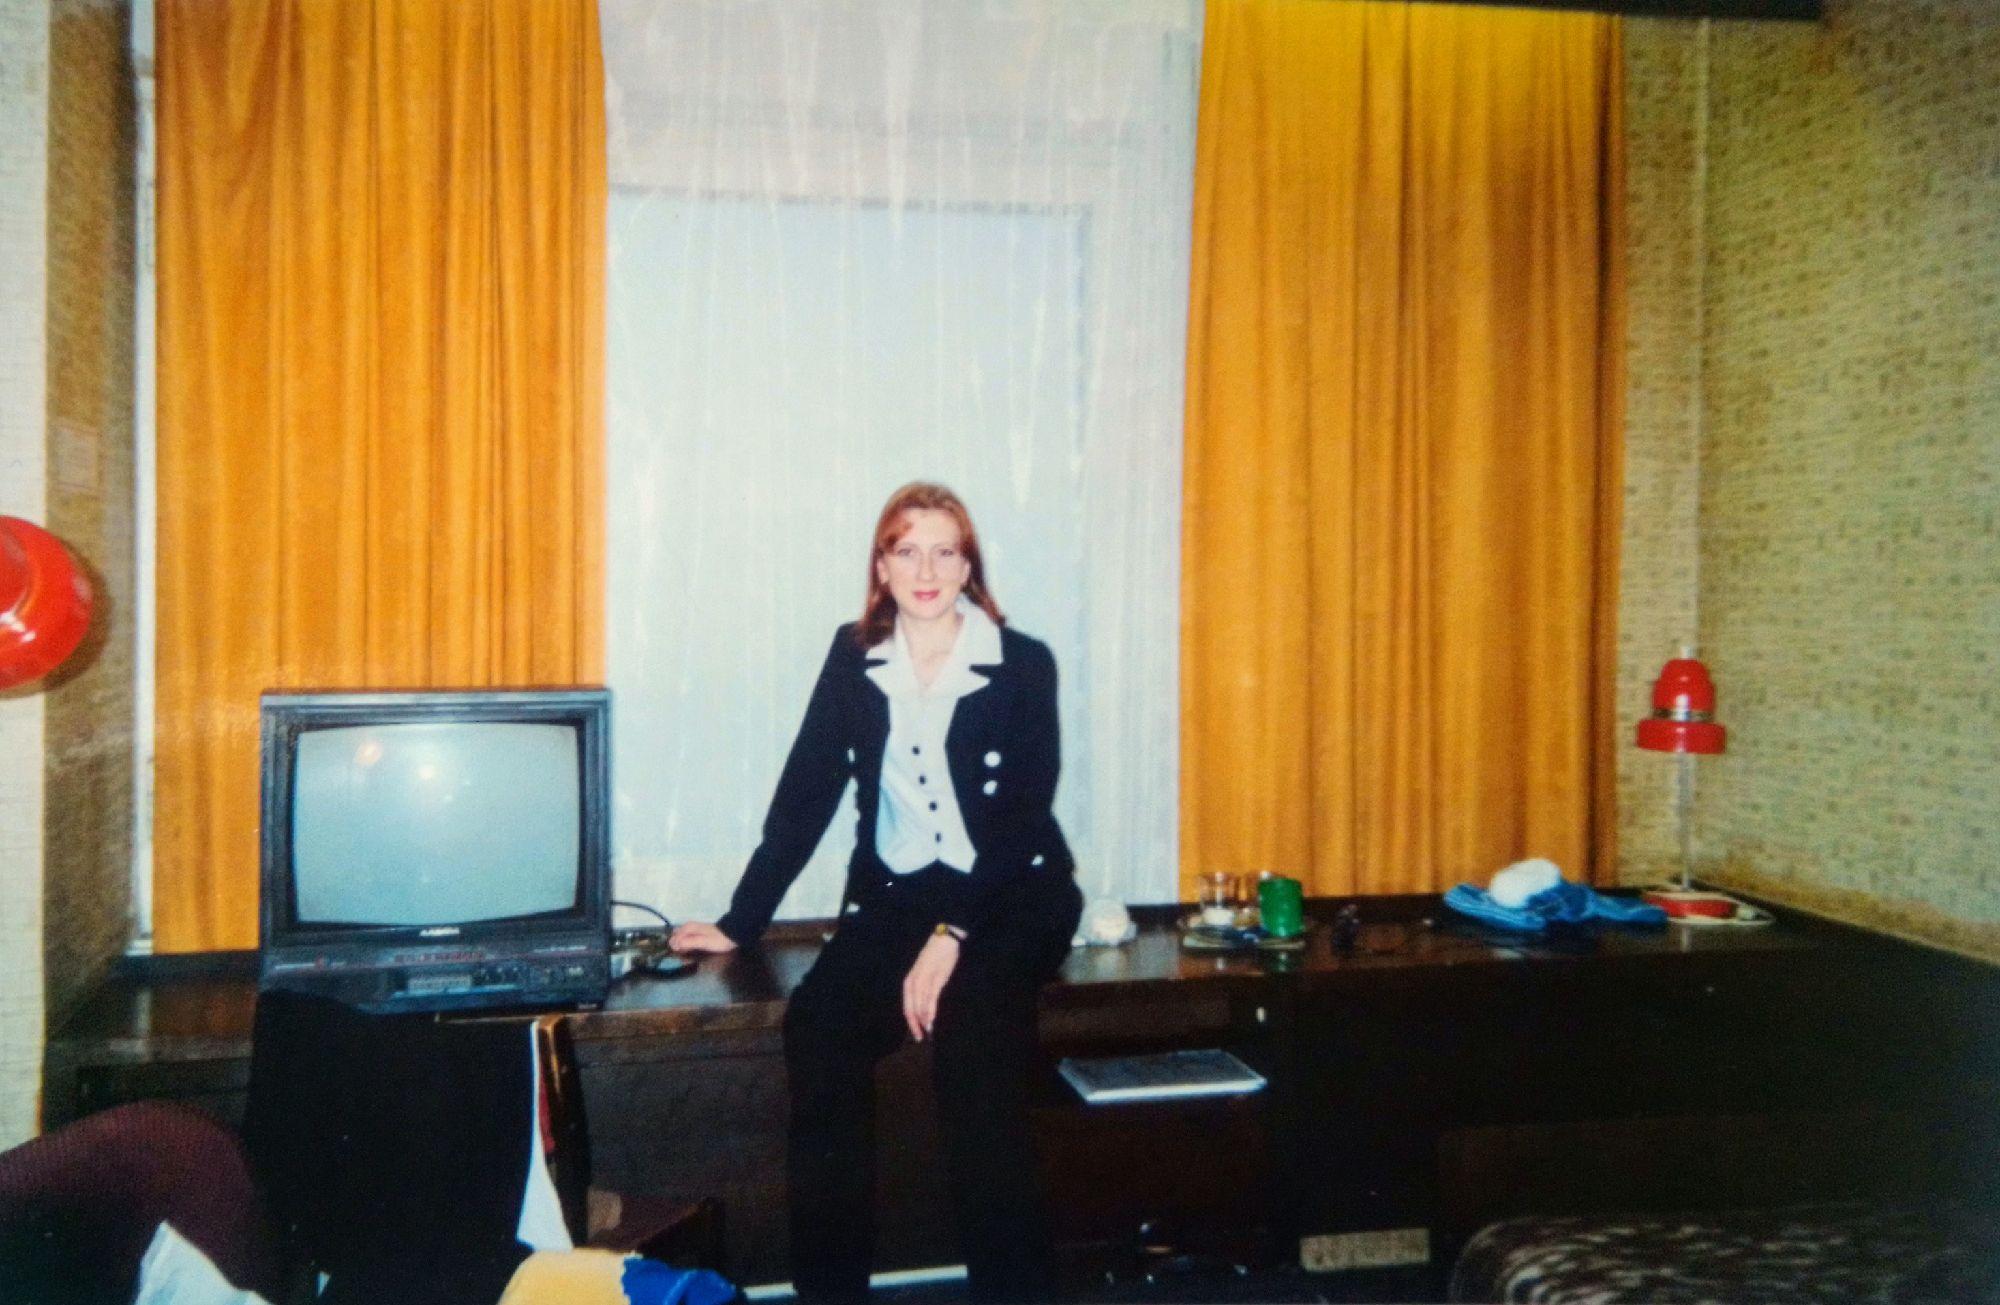 Двухместный номер в гостинице. 2000 год.